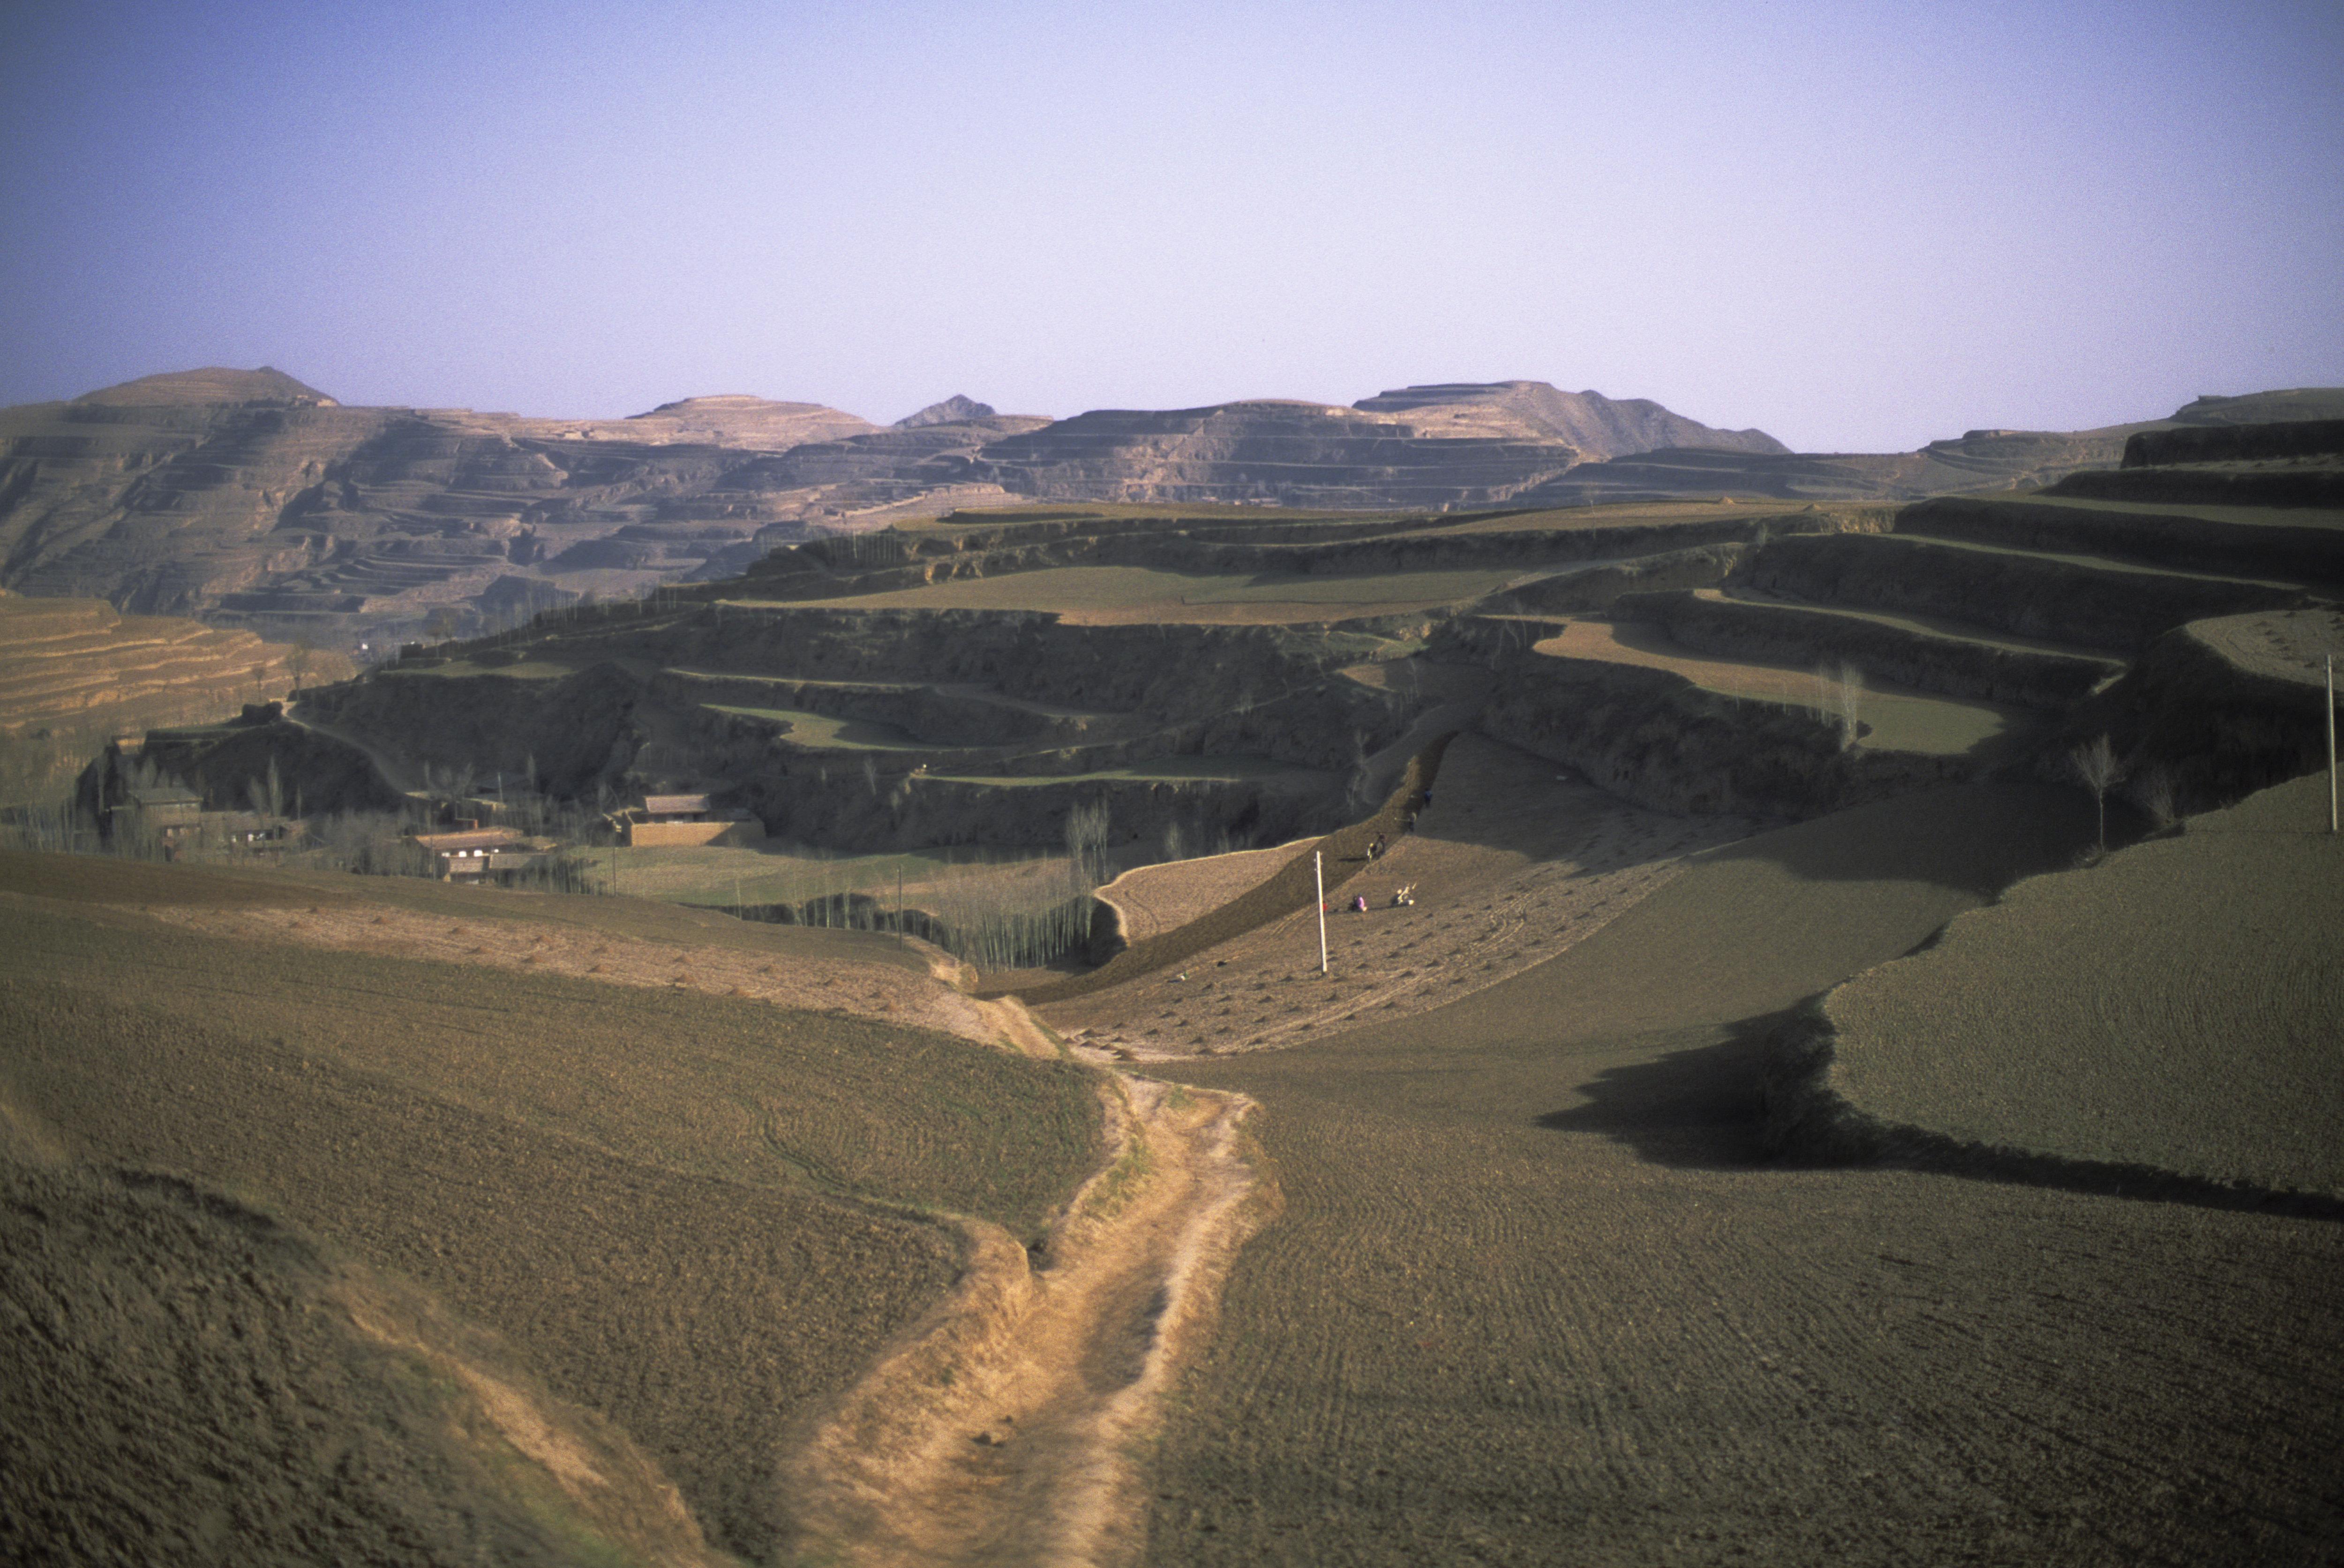 China, Gansu province, near Lanshou, fields, loess plateau.